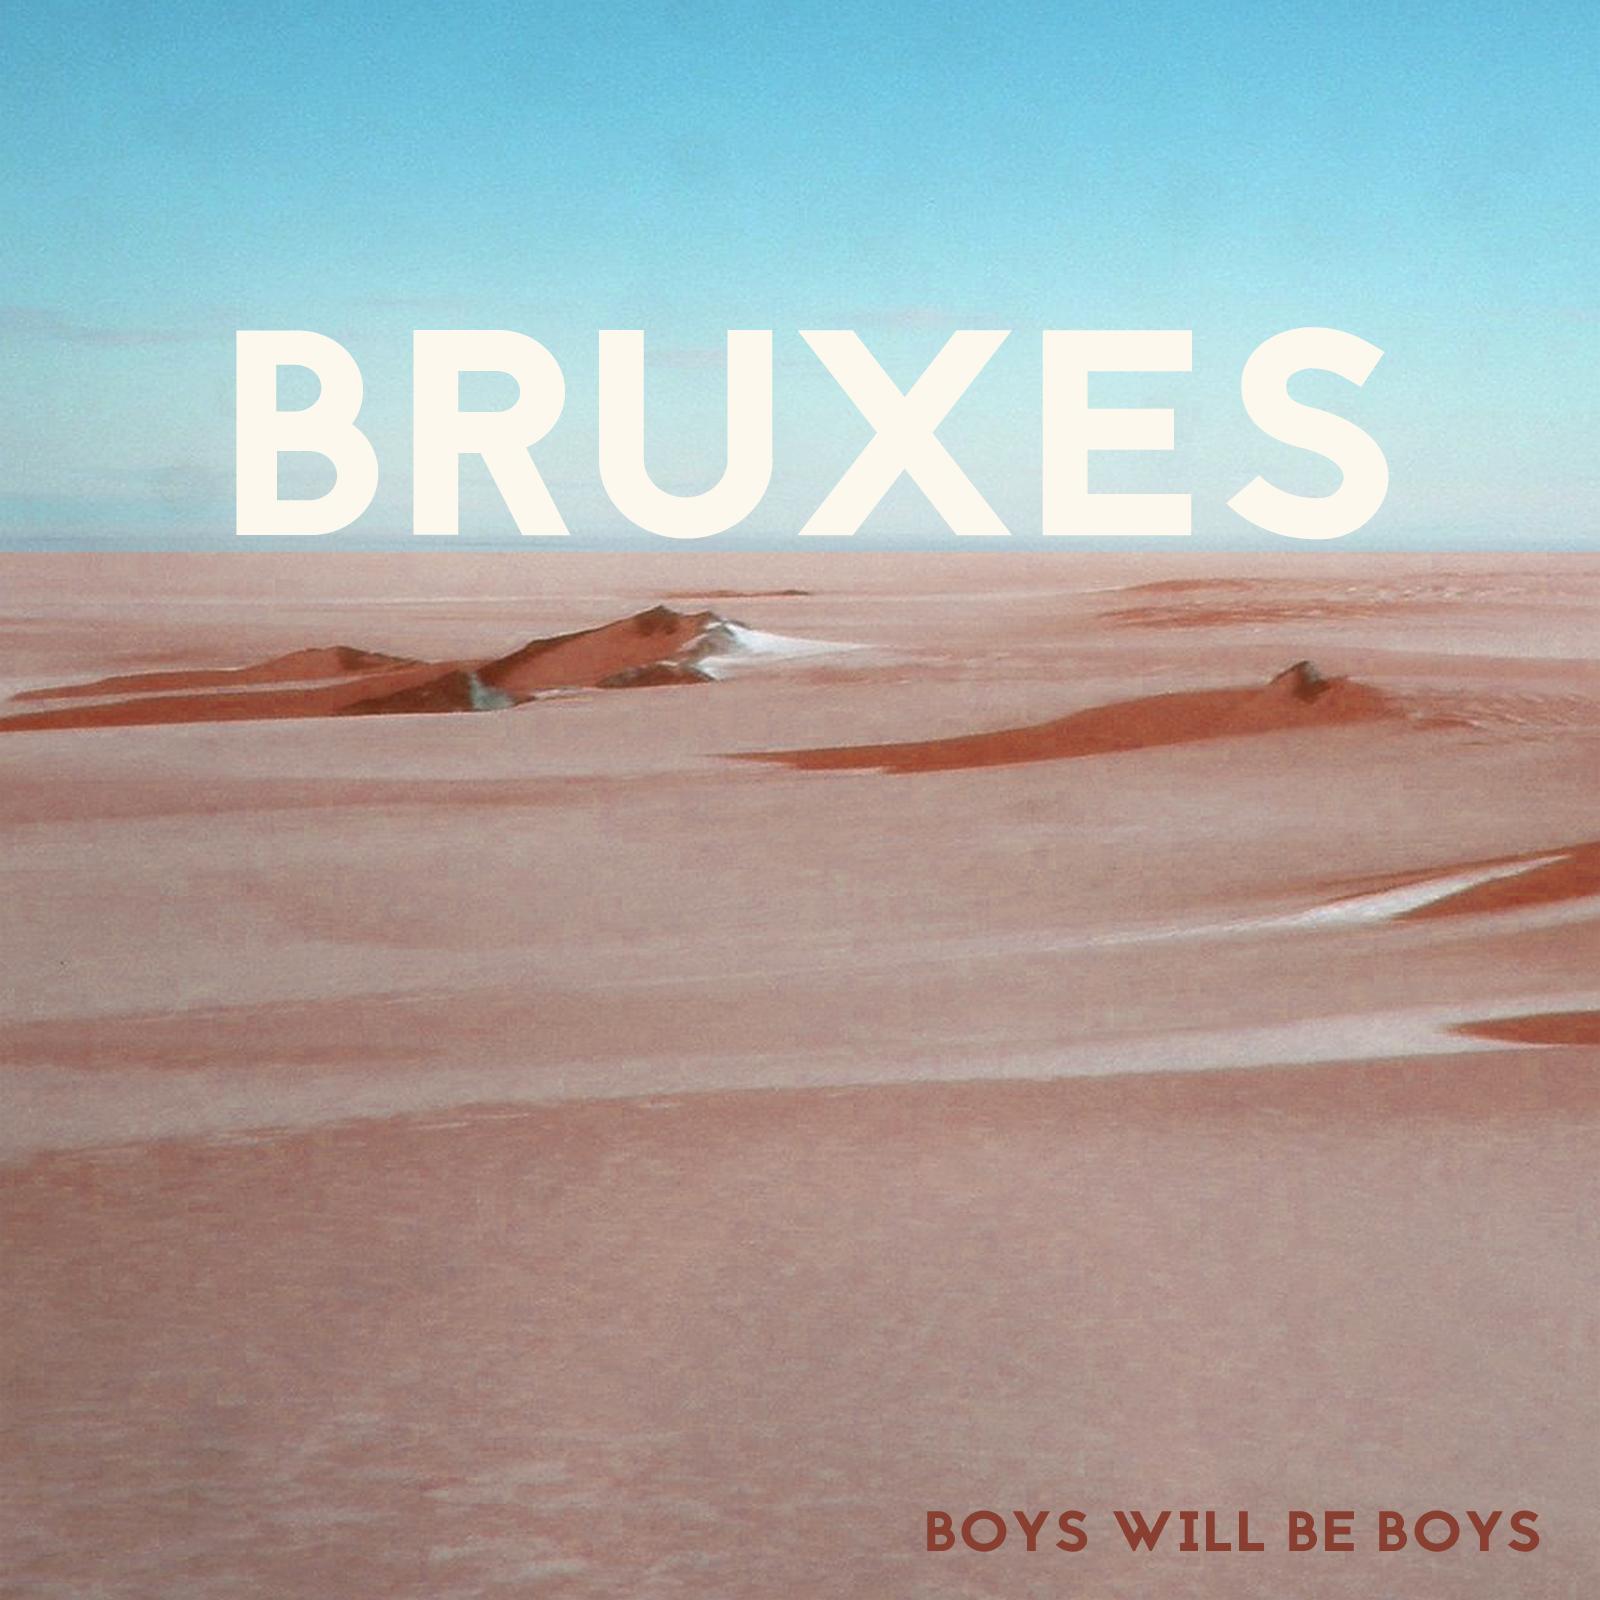 BRUXES - 'Boys Will Be Boys' EP